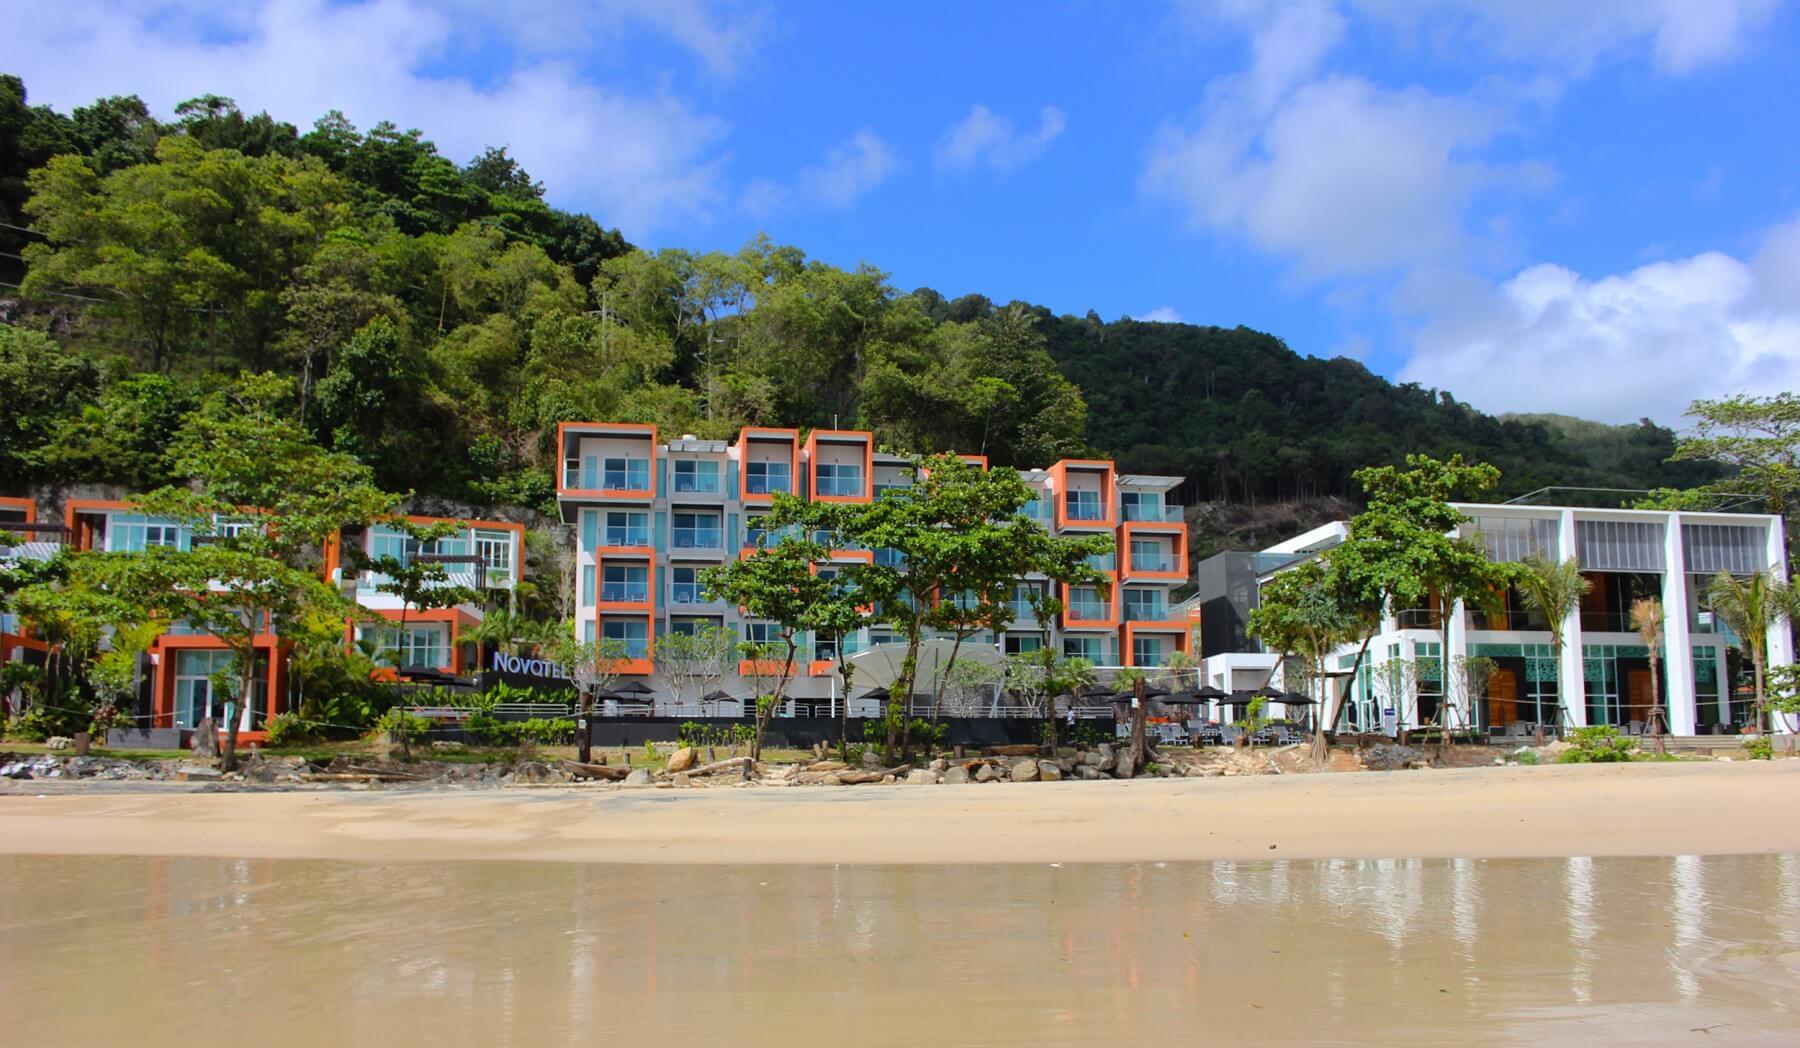 Фото отеля Novotel Phuket Kamala Beach 4* (Пхукет) и его пляжа